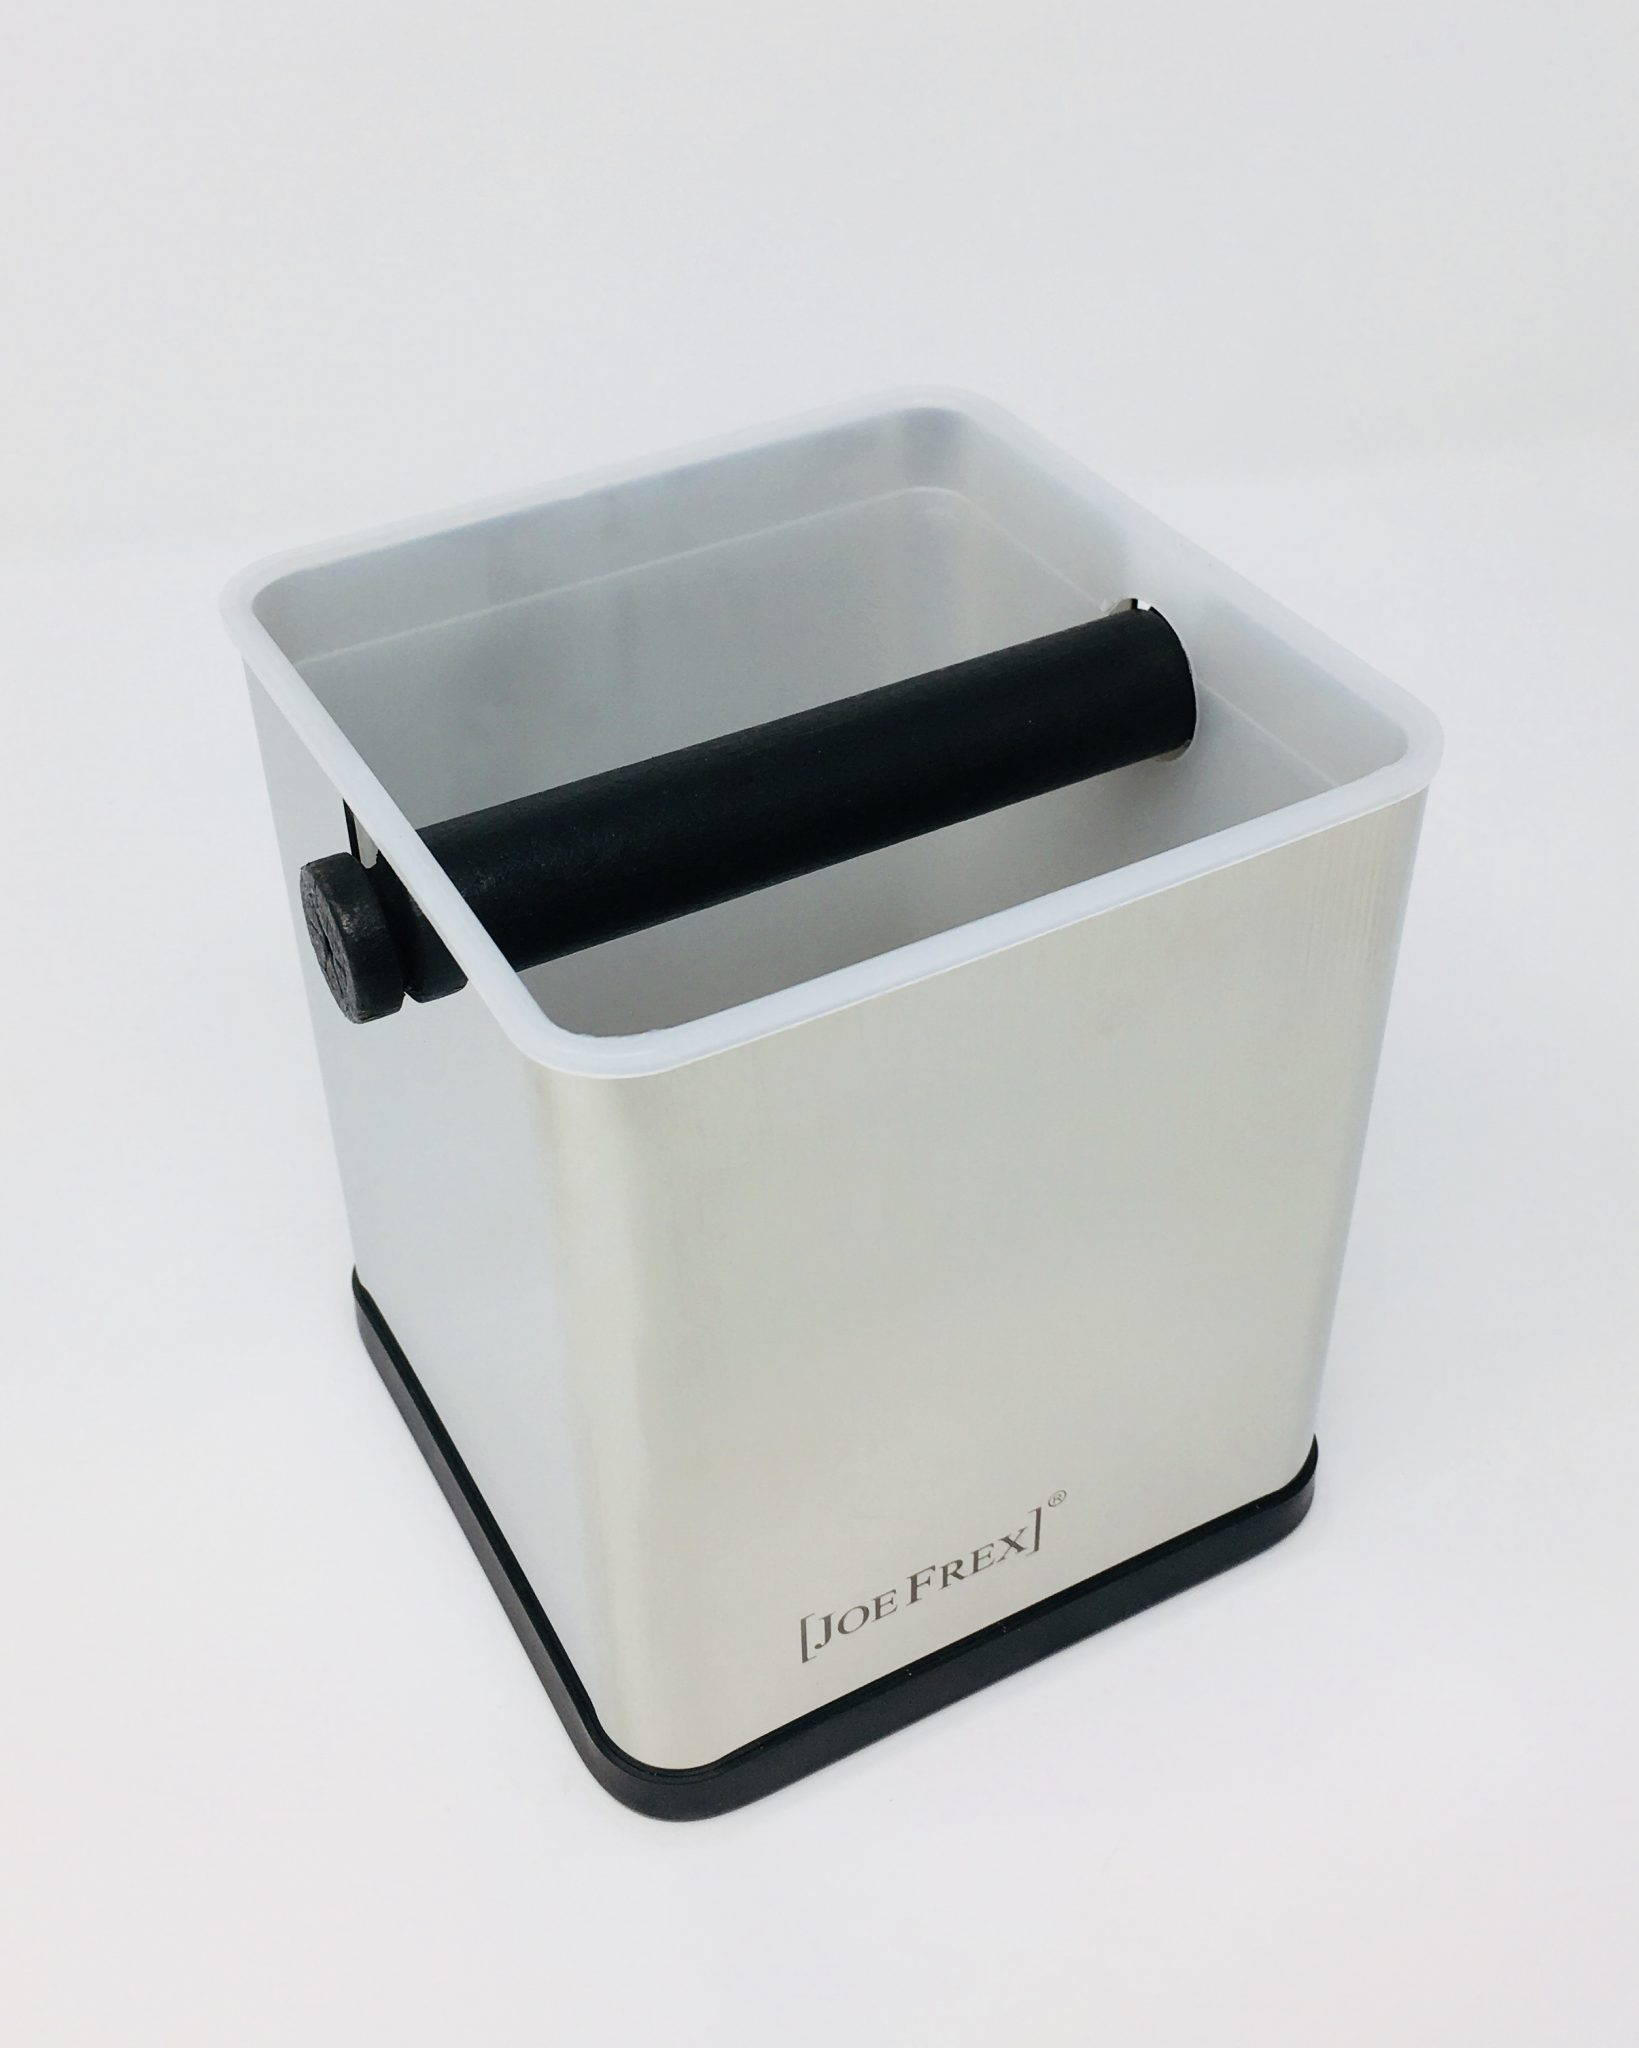 Abschlagbox von der Firma Joe Frex